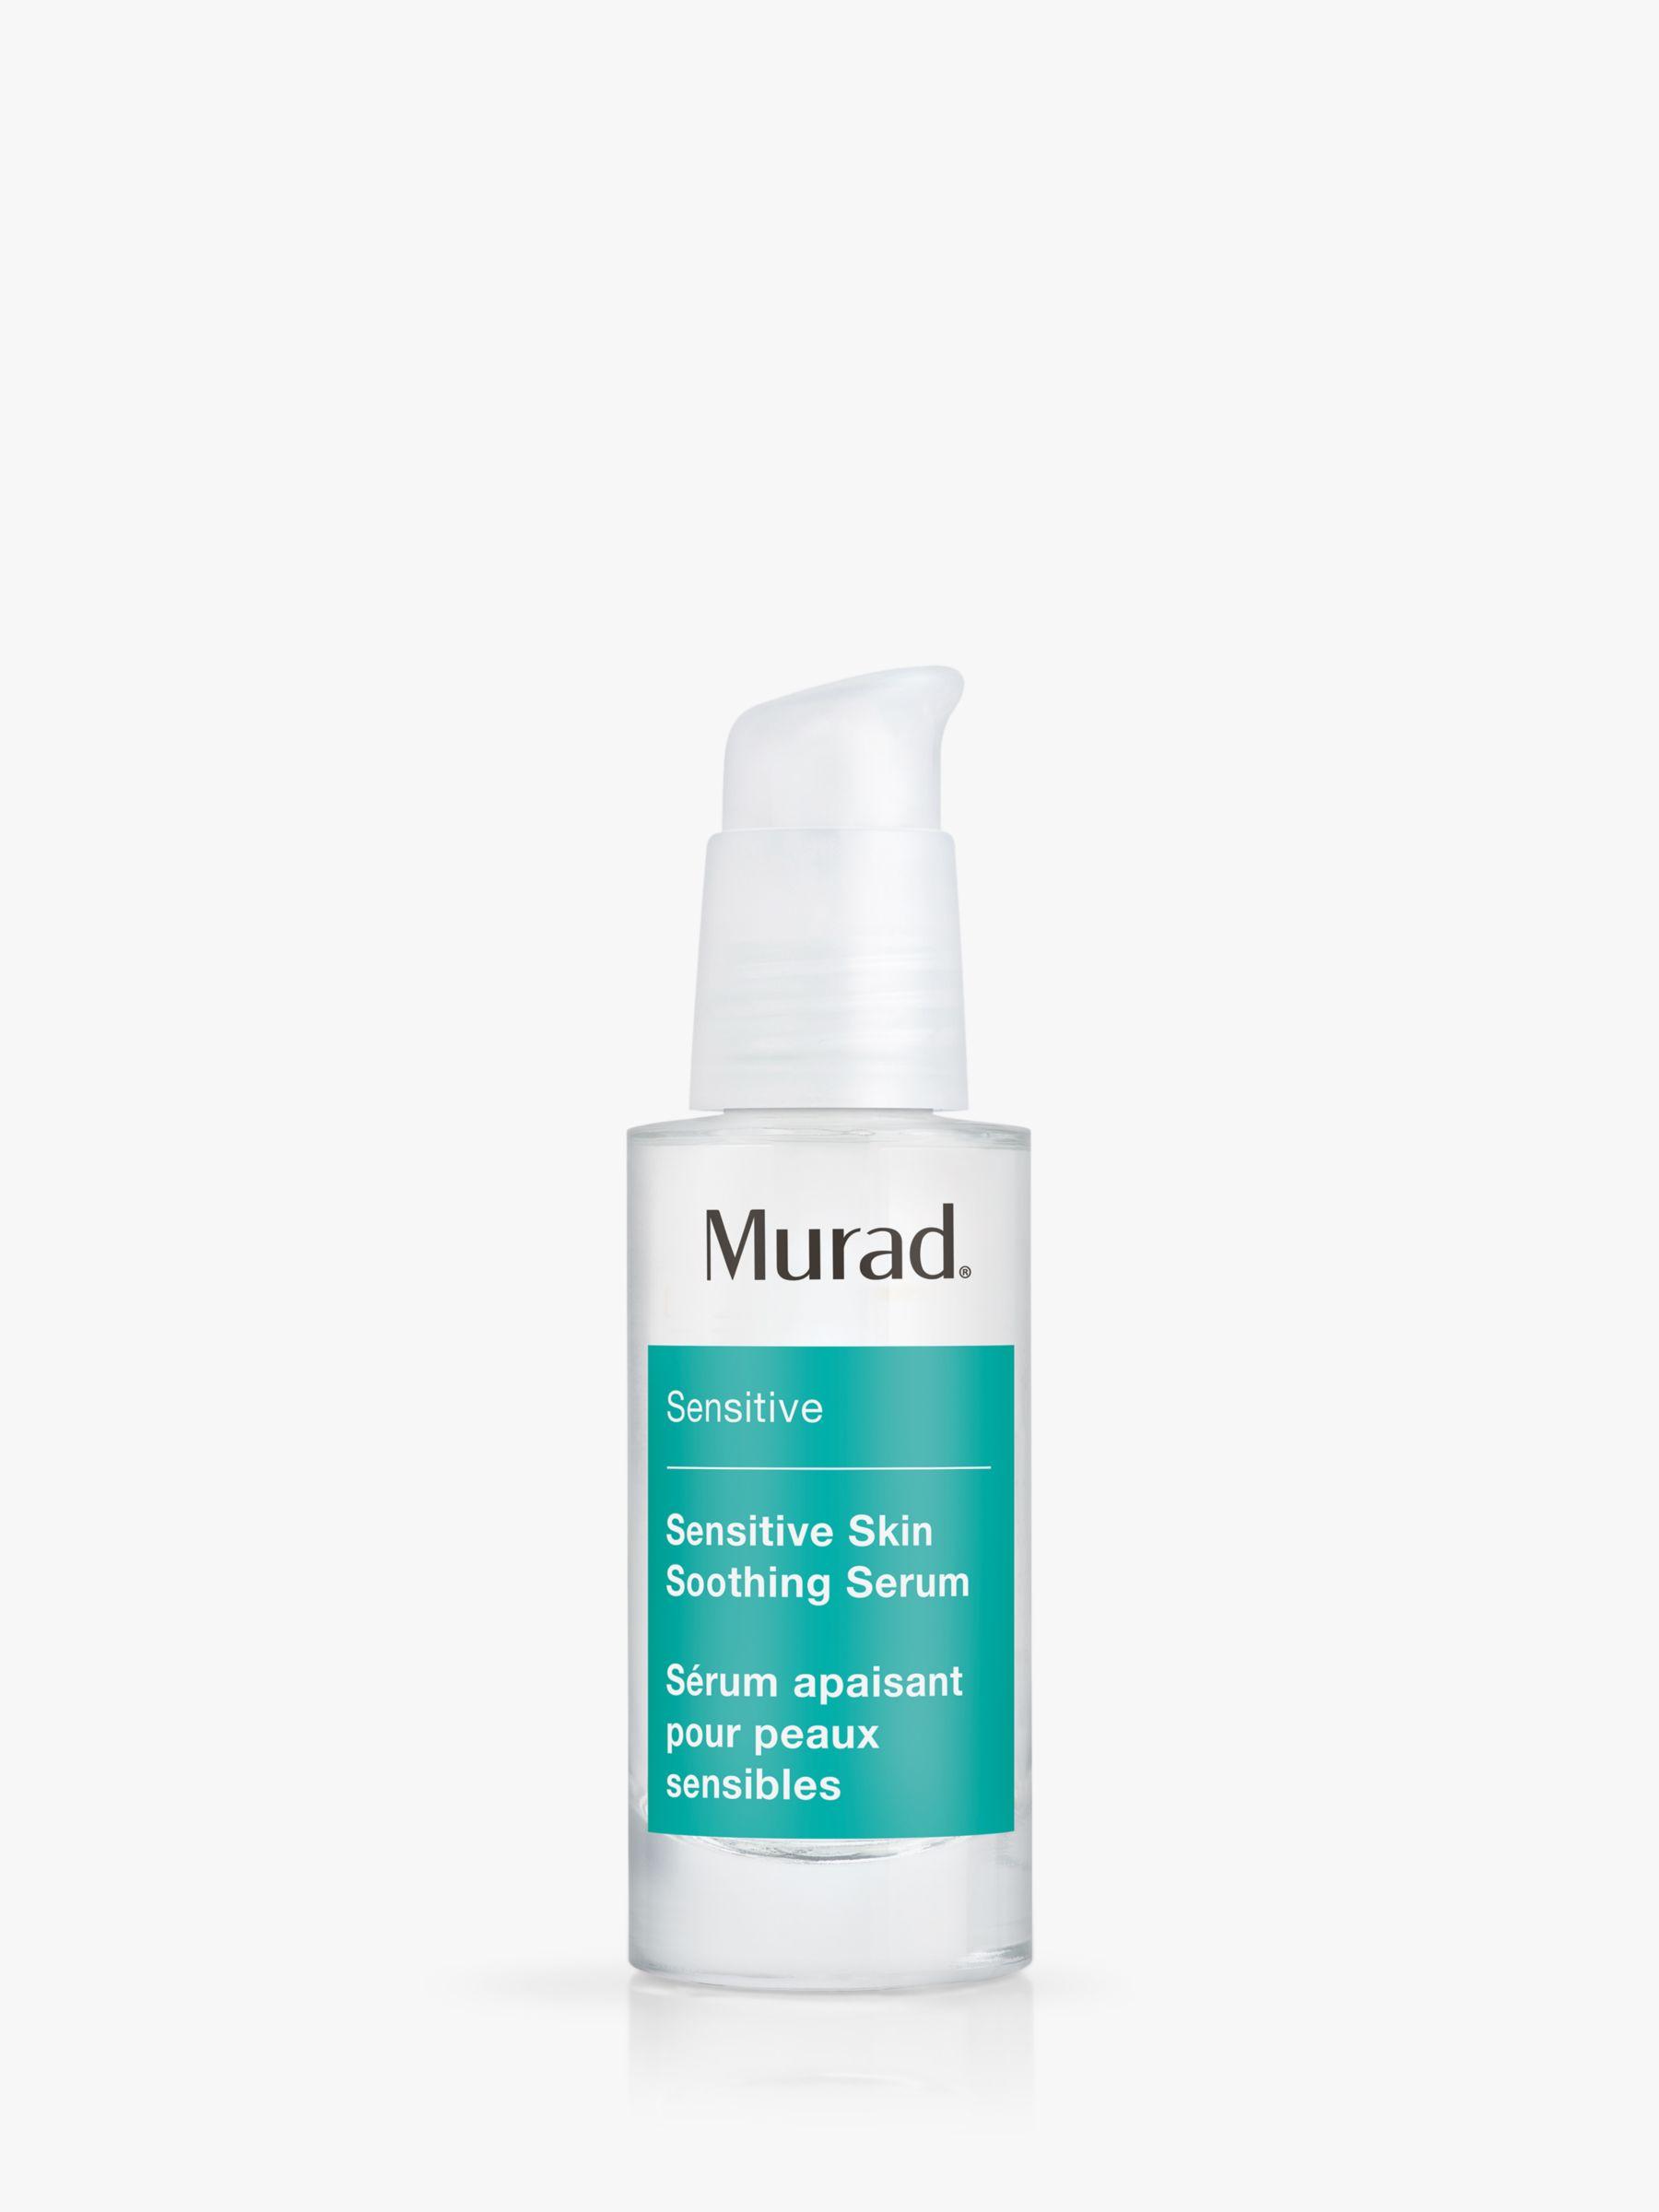 Murad Murad Sensitive Skin Soothing Serum, 30ml